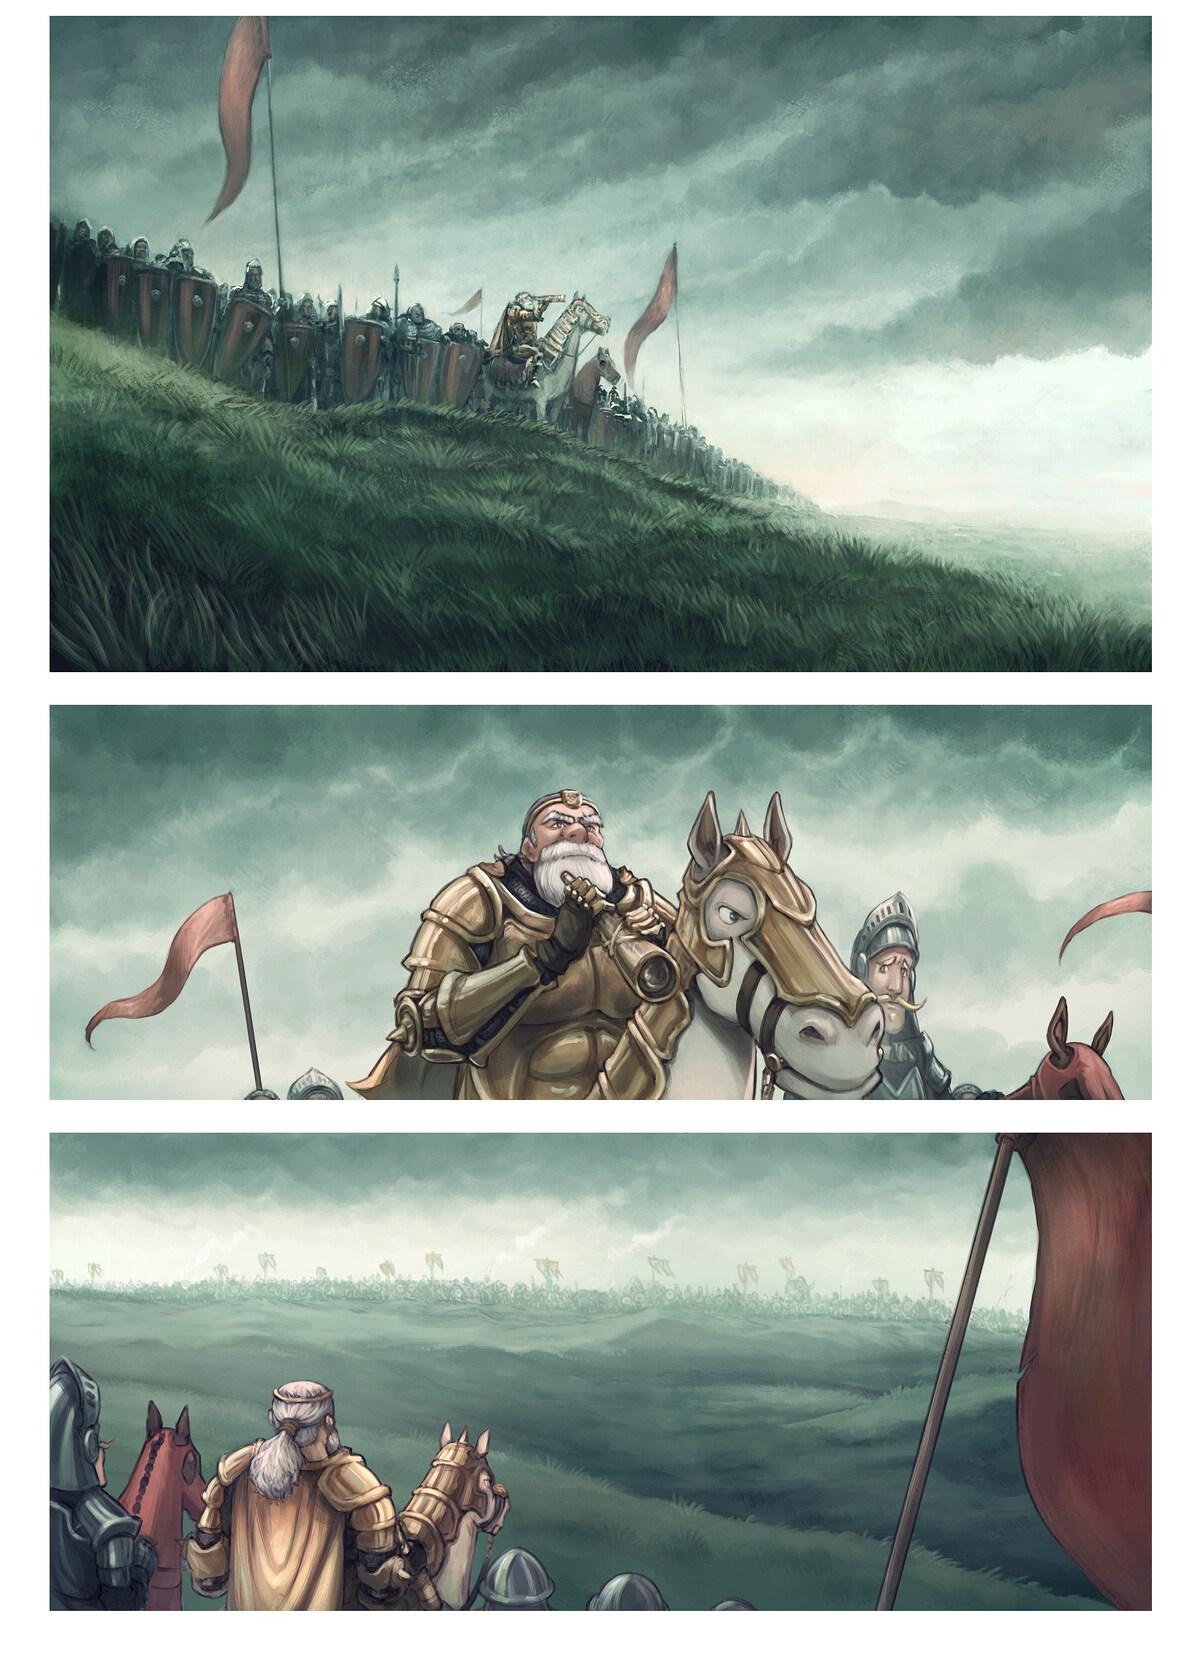 エピソード 32: 戦場, ページ 1